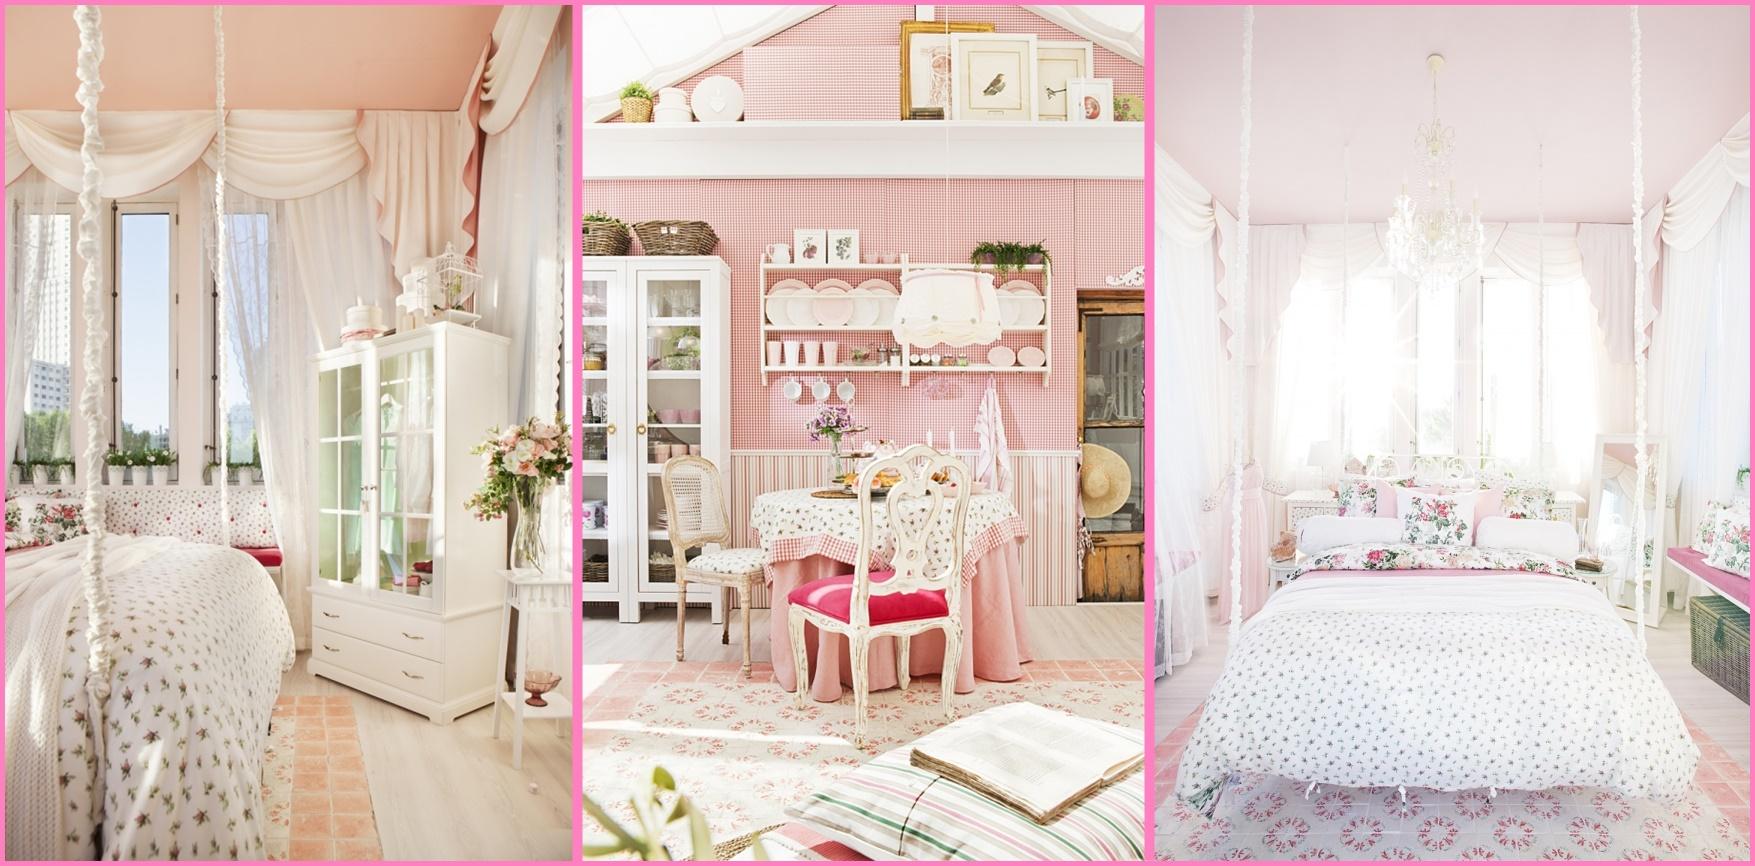 Arredi ikea in rosa e bianco ecco la casa da sogno shabby - Letto shabby ikea ...